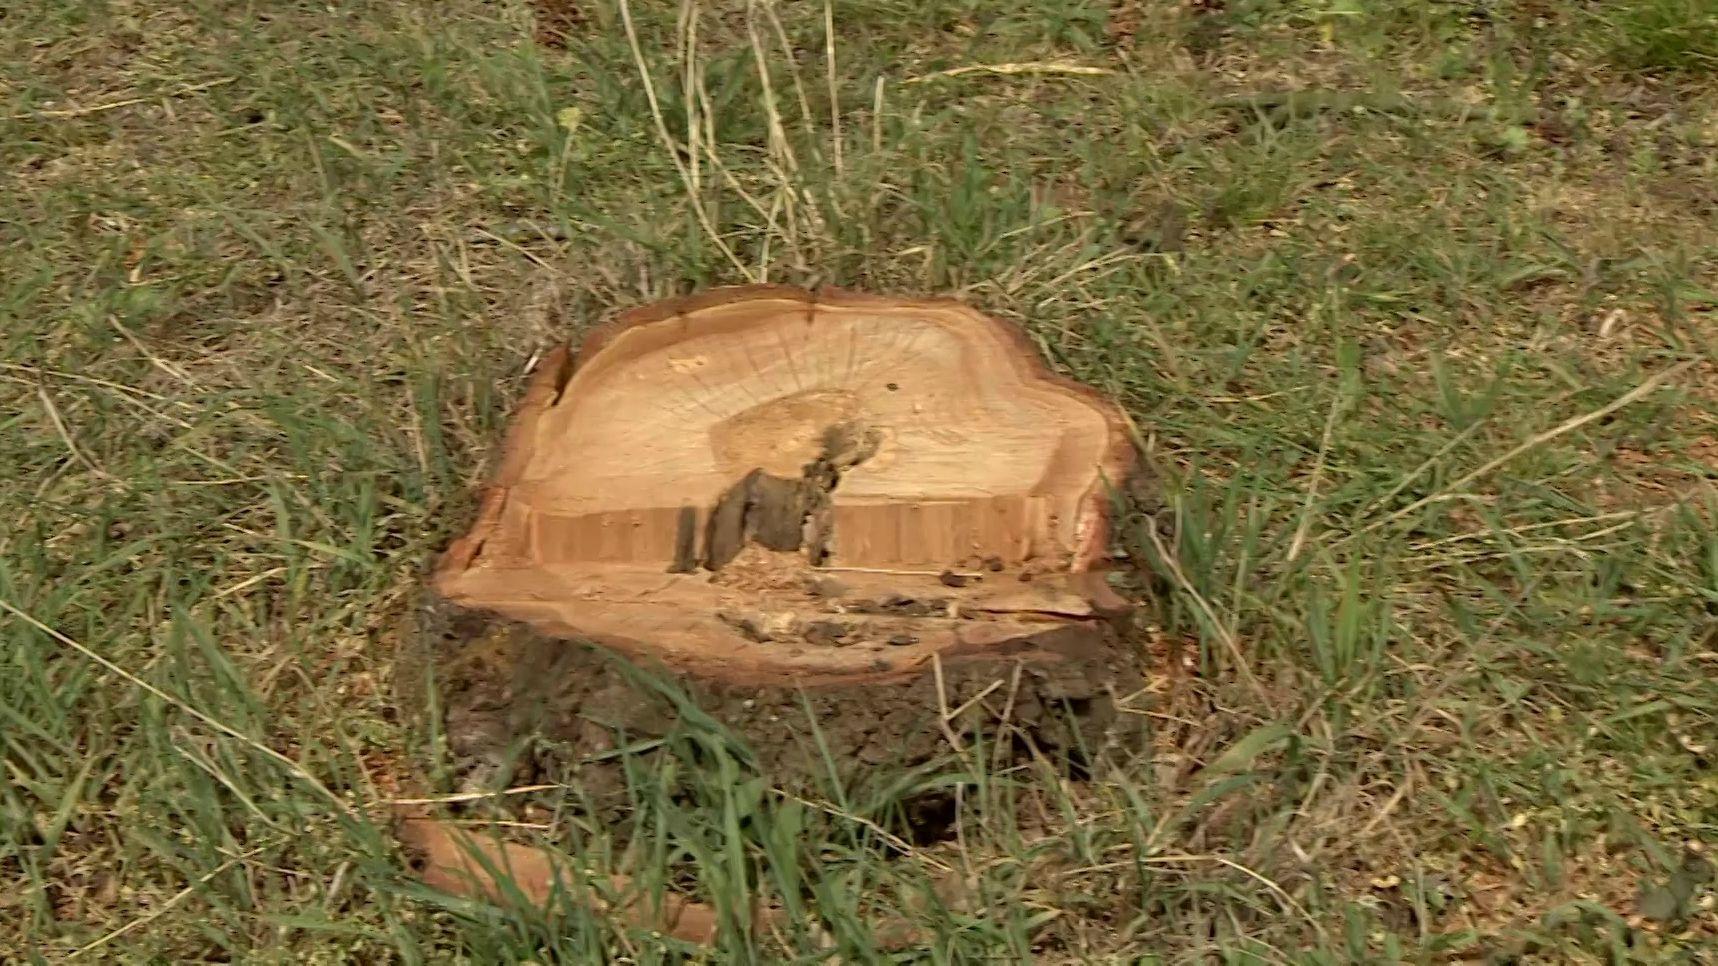 Stumpf eines frisch geschlagenen Obstbaumes